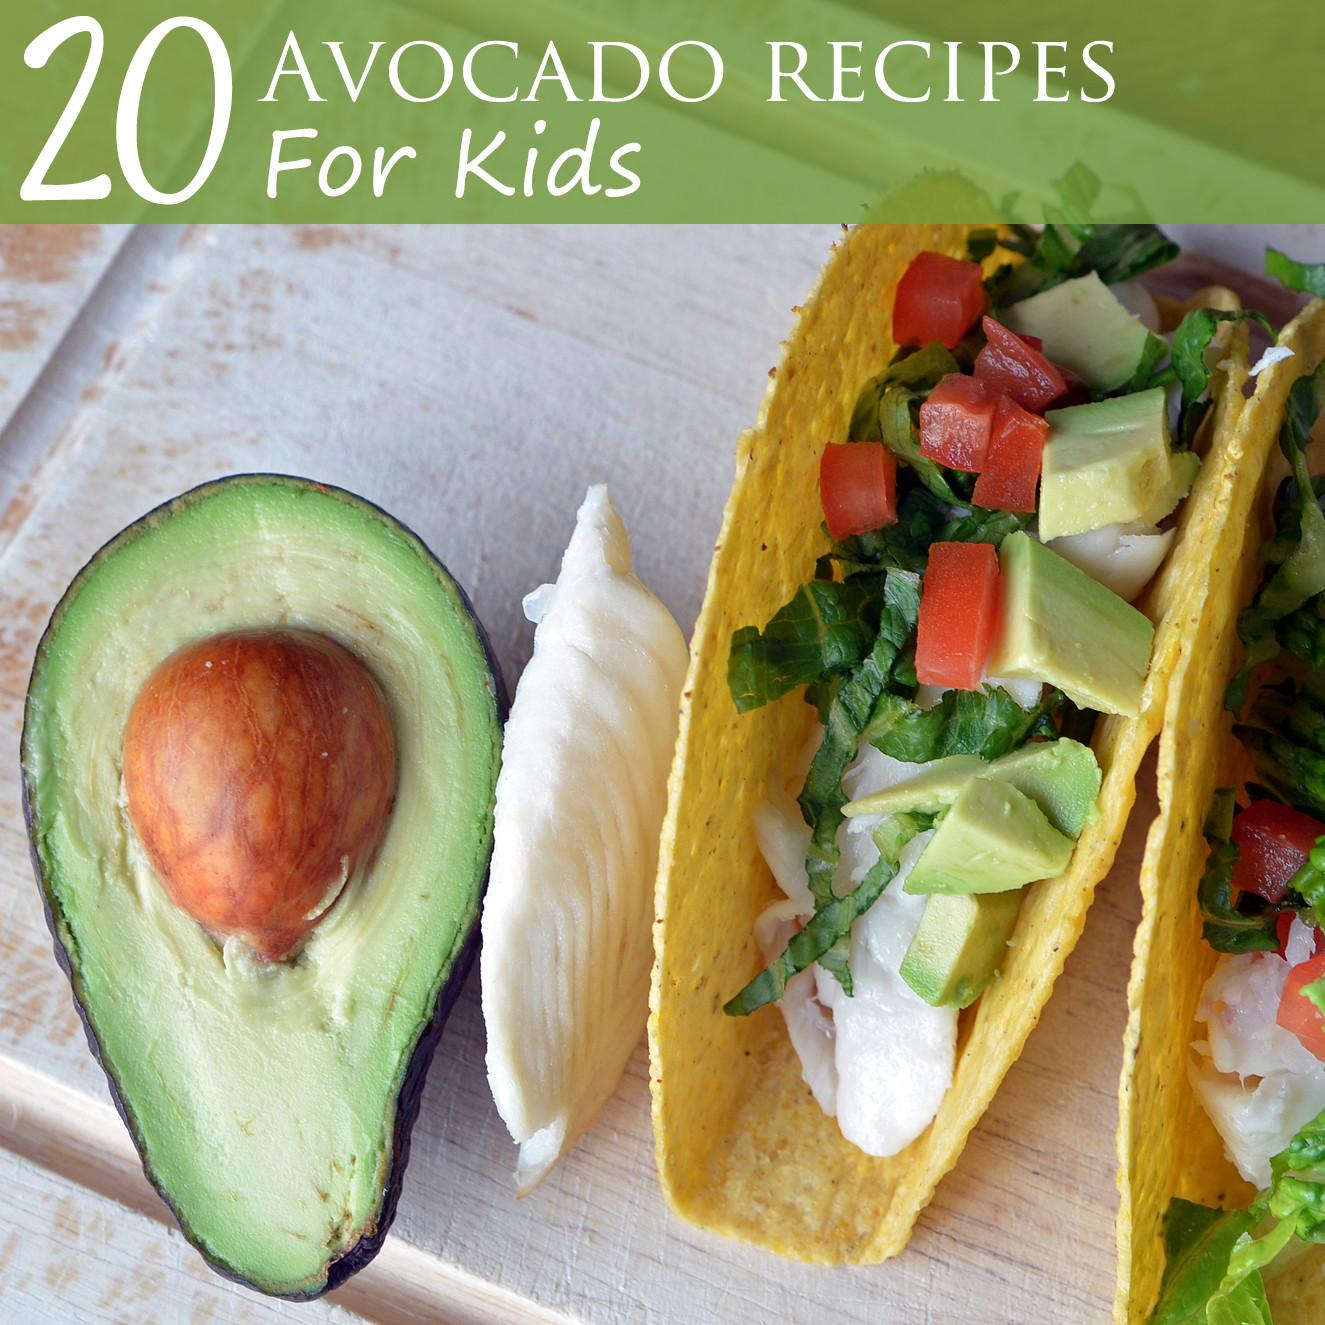 Avocado Recipes Healthy  20 Avocado Recipes for Kids